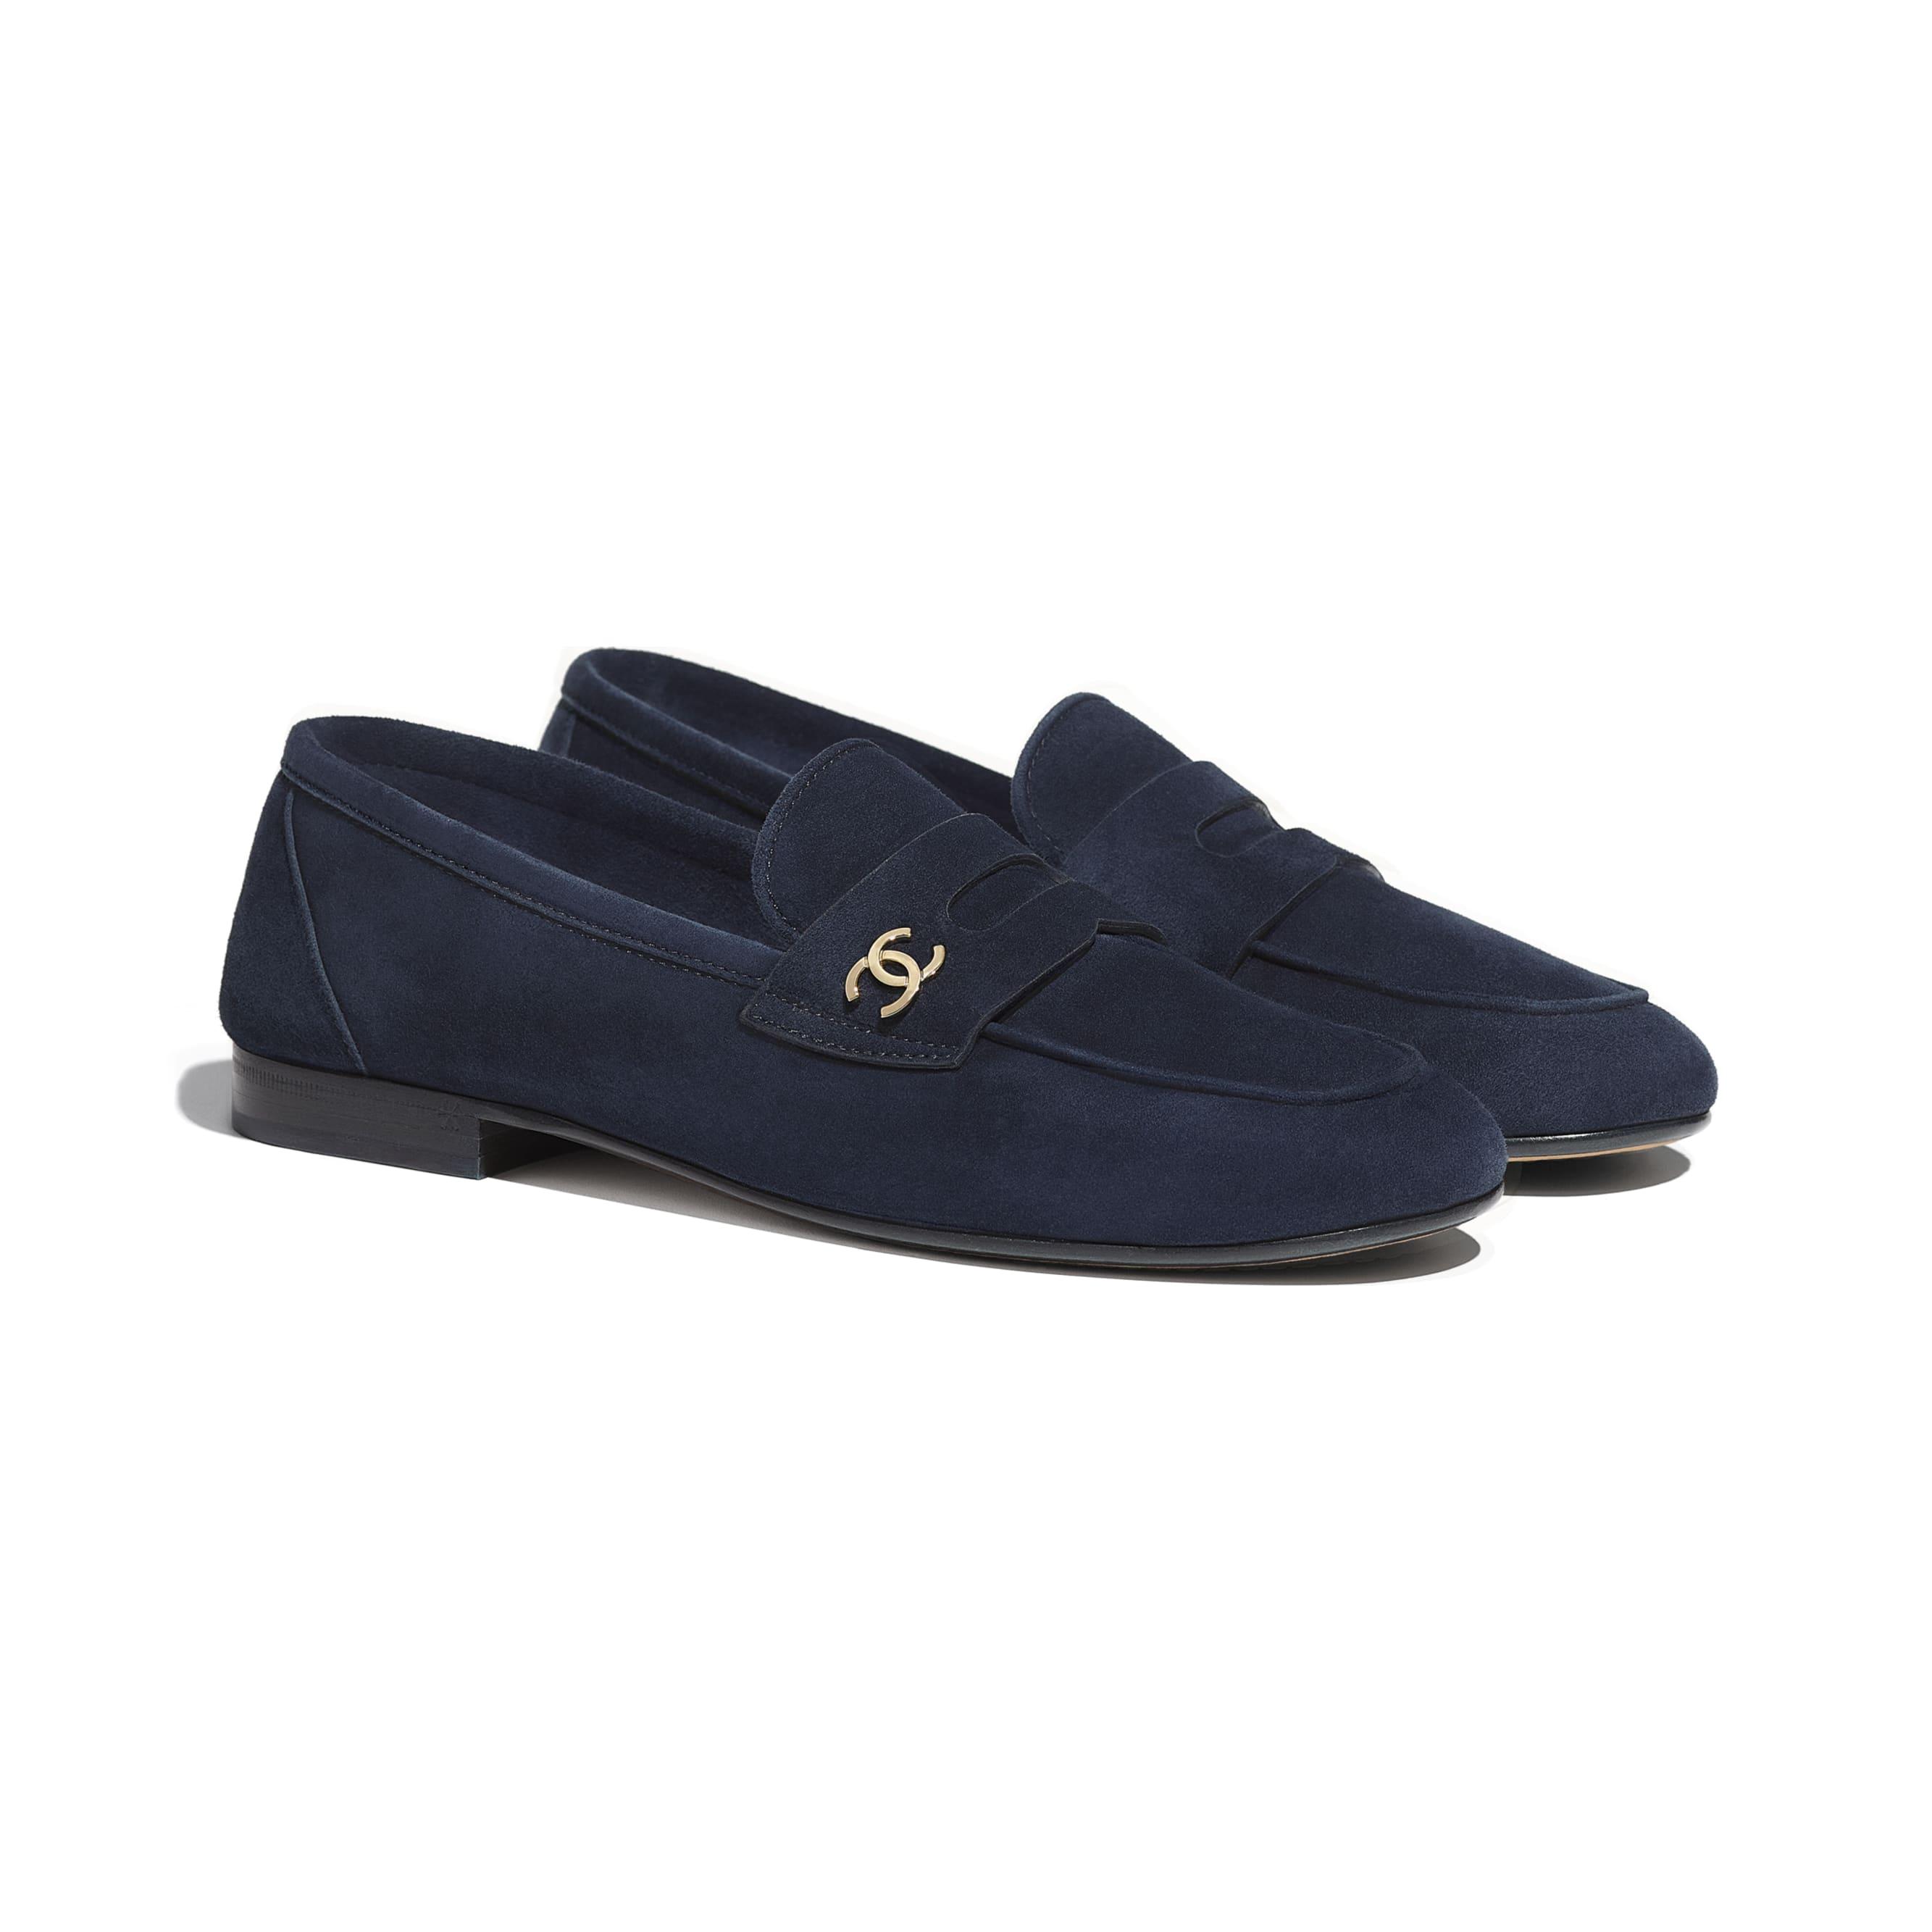 樂福鞋 - 海軍藍 - 小牛麂皮 - CHANEL - 替代視圖 - 查看標準尺寸版本